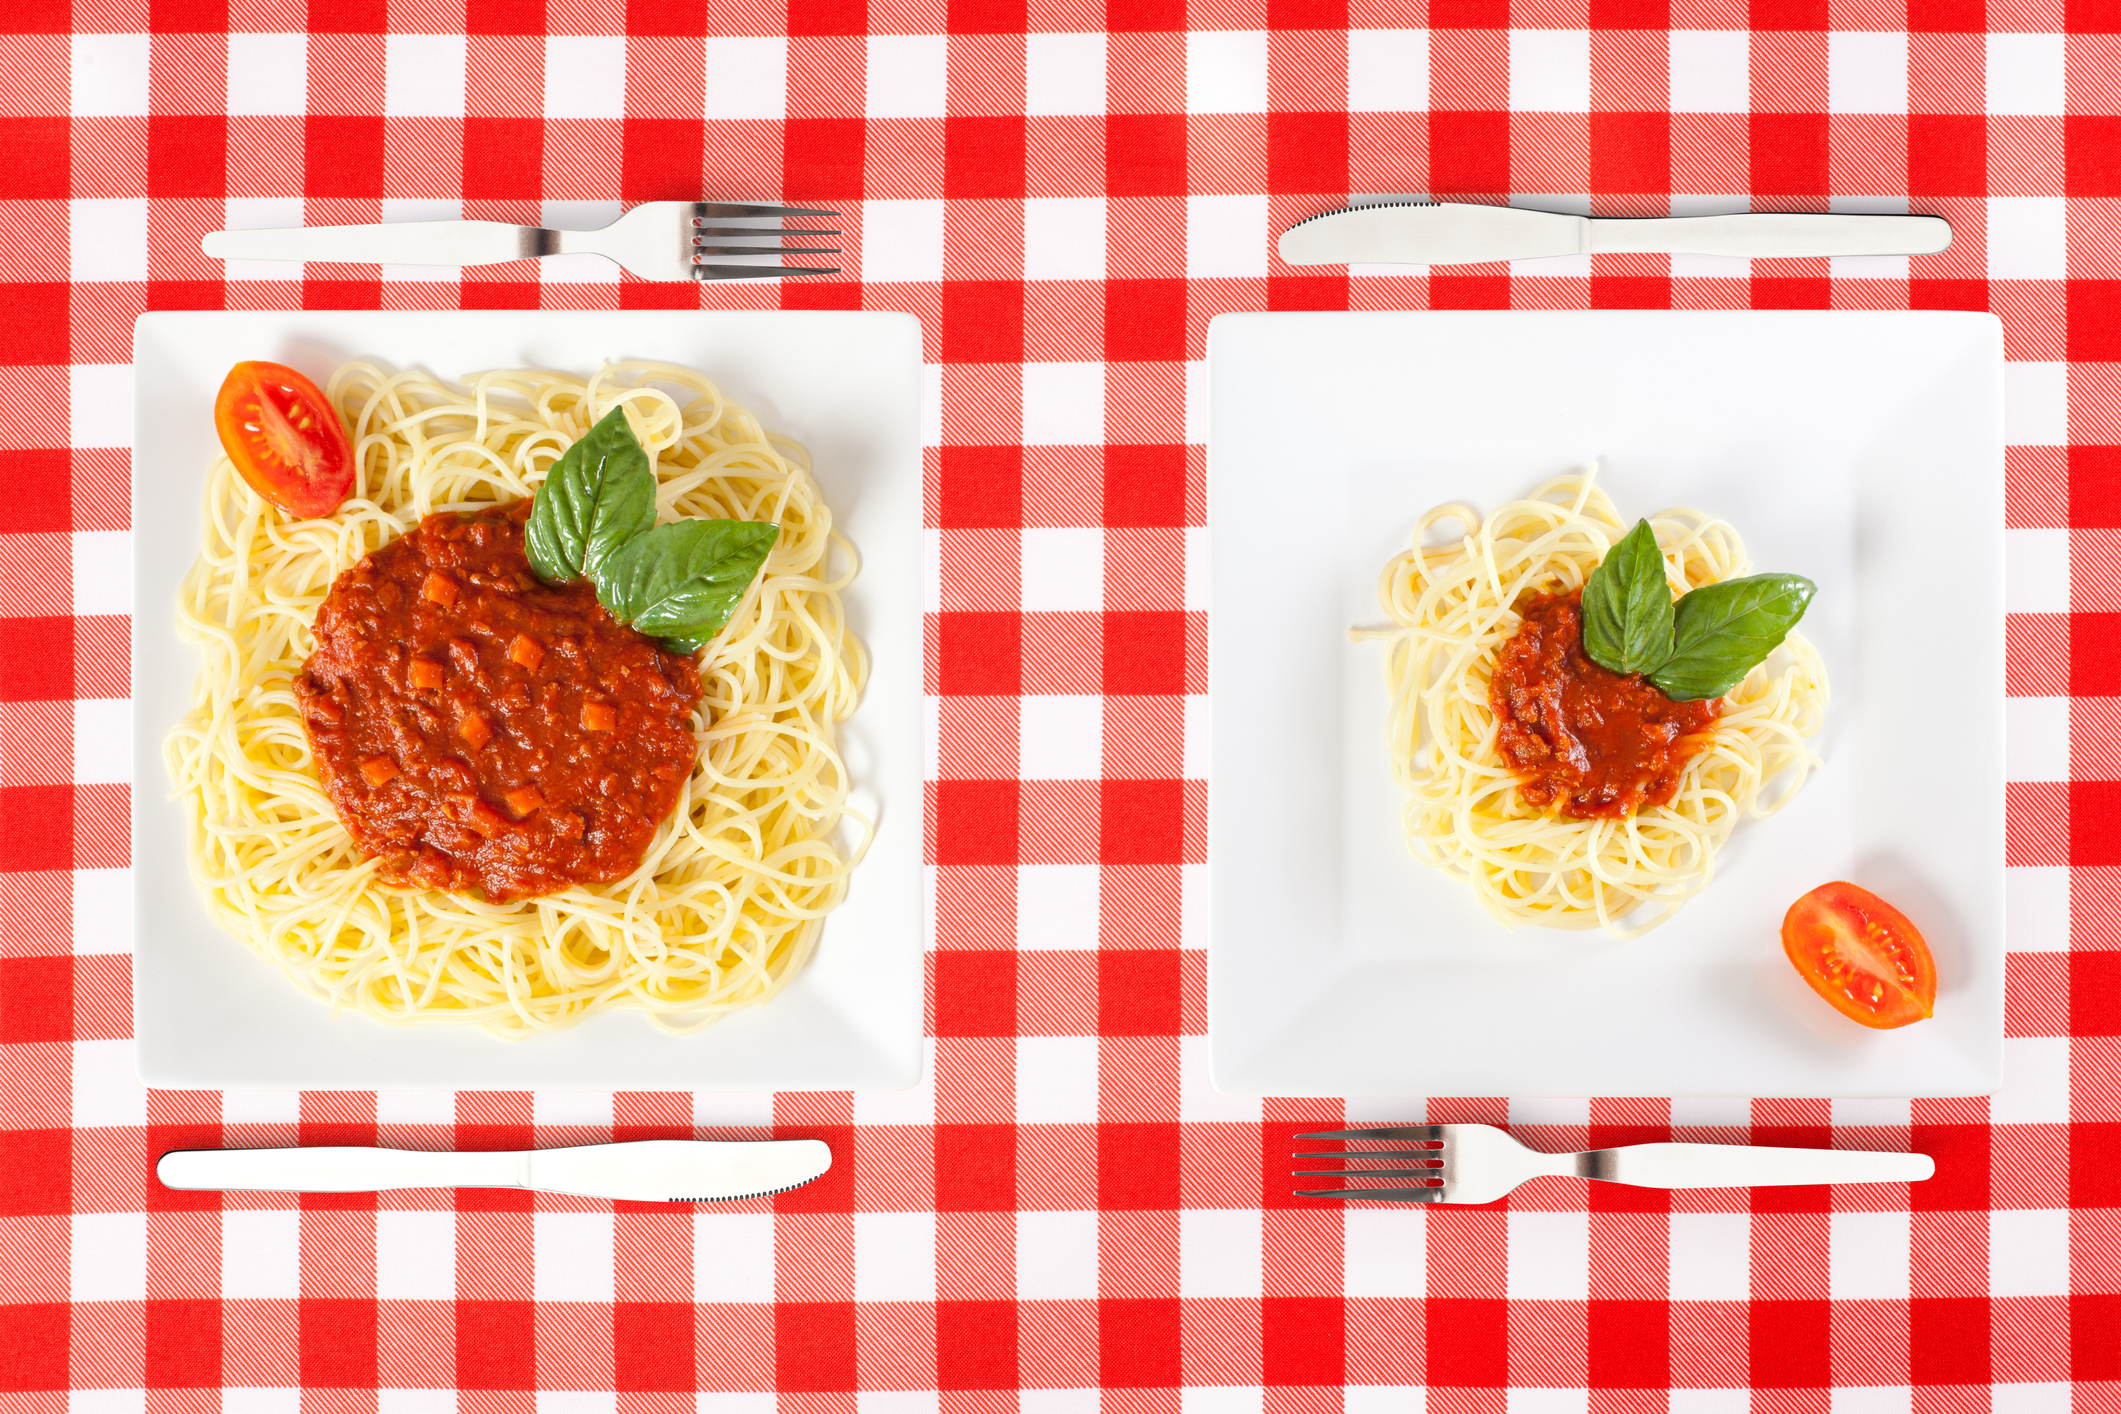 Яжте в малки чинии и пийте в издължени чаши<br /> Хората обичайно изяждат порцията си от глад или за да не се изхвърли. И в двата случая изяждаме толкова, колкото има в чинията. По-големи порции означават повече храна в стомаха, по-малки порции съответно по-малко и съвсем достатъчно. Ако пиете сок (въпреки че най-добре вода, без значение от големината на чашата!) в ниски и широки чаши, е по-вероятно да ви се струва малко и да изпиете няколко чаши, пълни със захар и калории. Една издължена чаша от друга страна създава илюзията за повече течност и би ни ограничила в наливането с цветен захарен концентрат.